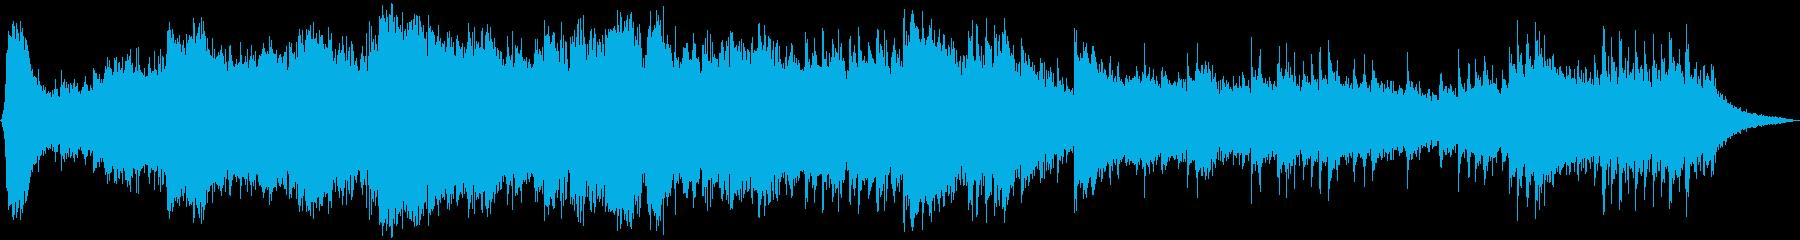 クリーピングハープドローン、SCI...の再生済みの波形